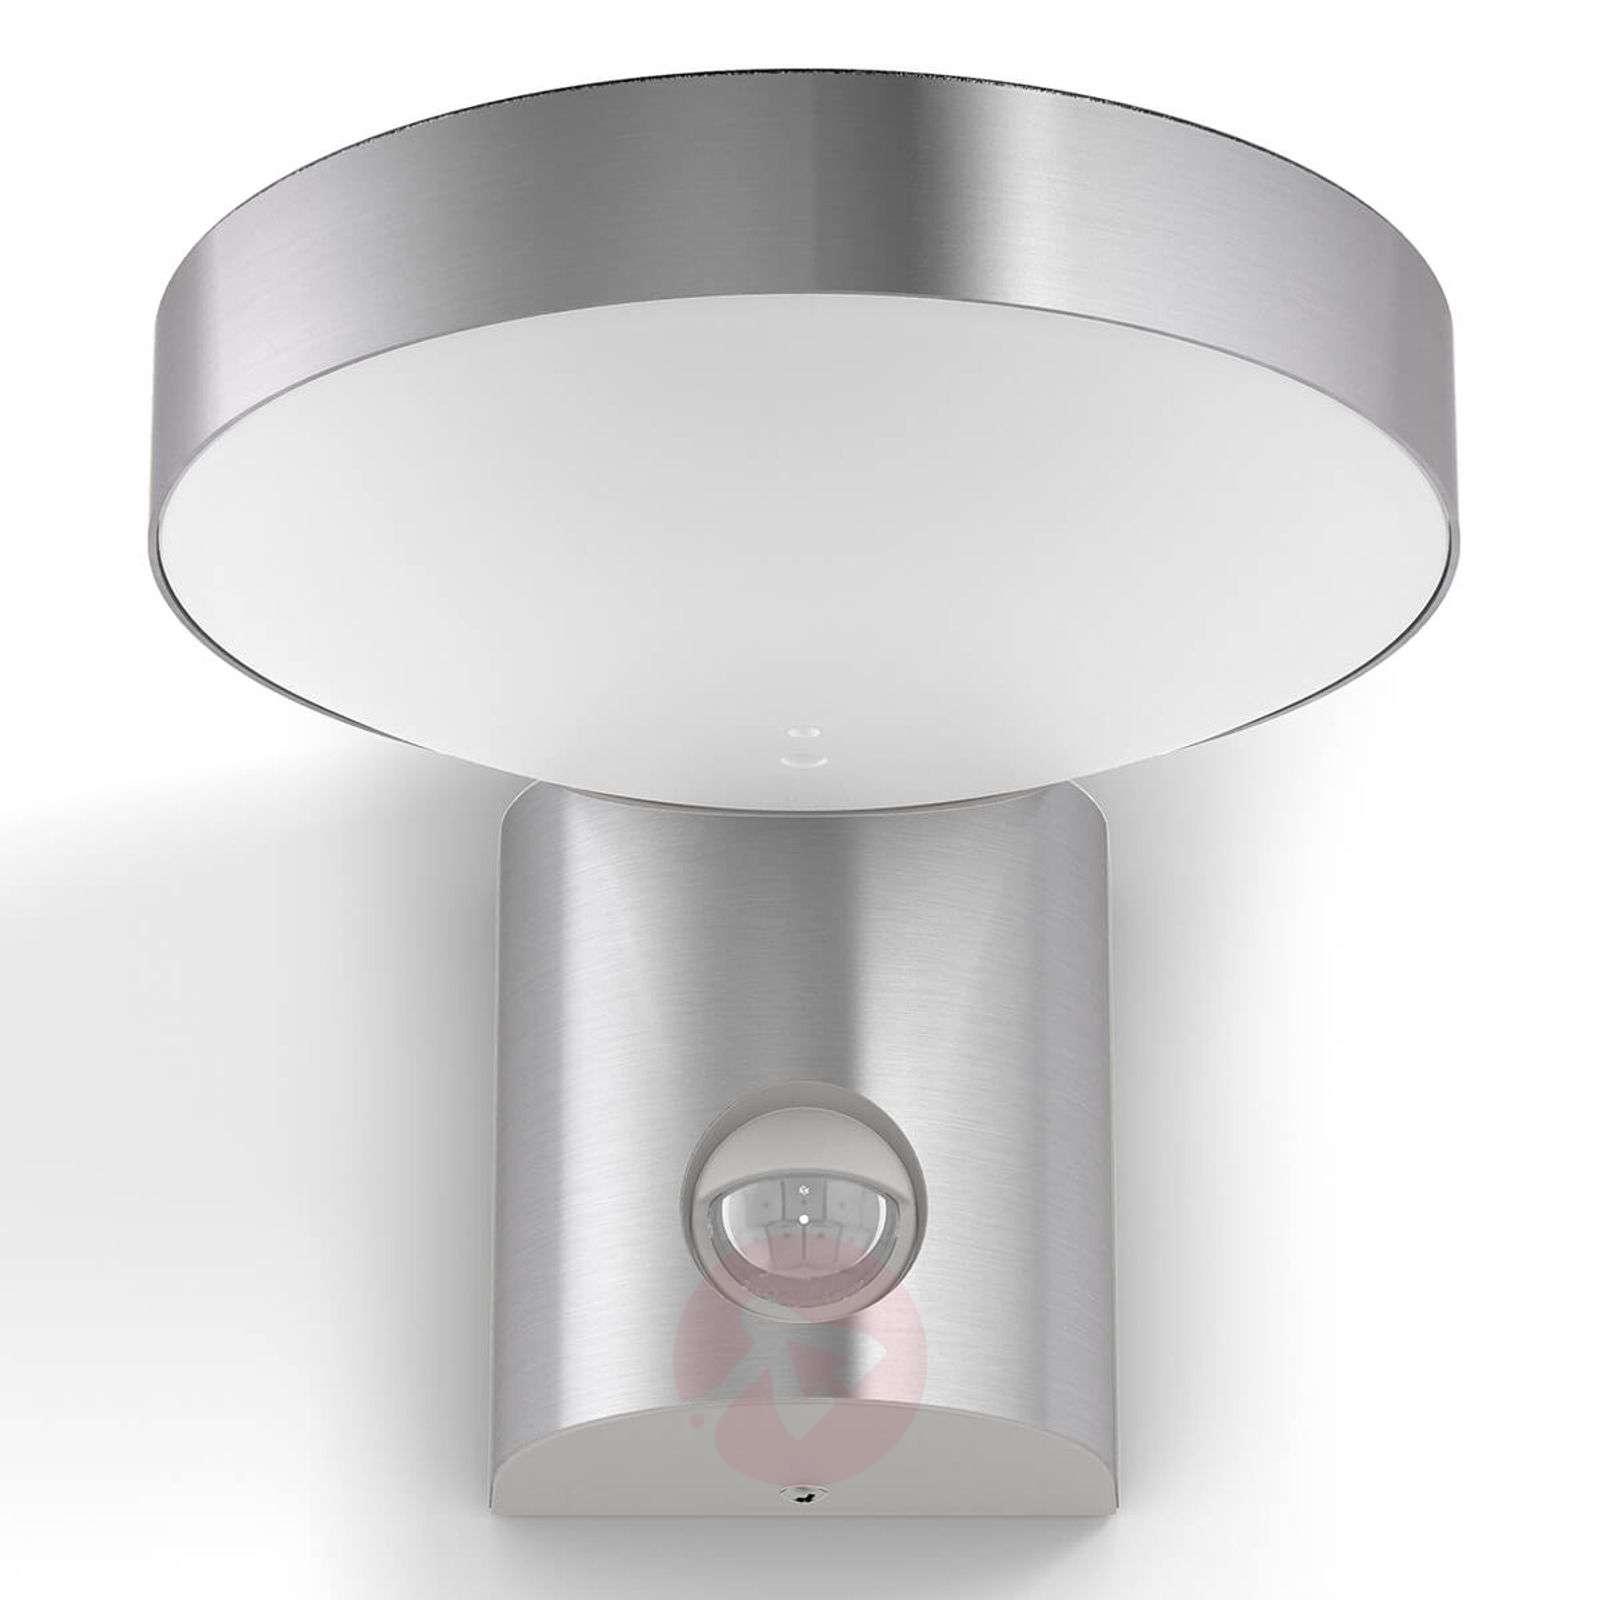 Warm White Led Outdoor Wall Light Cockatoo Sensor Lights Ie